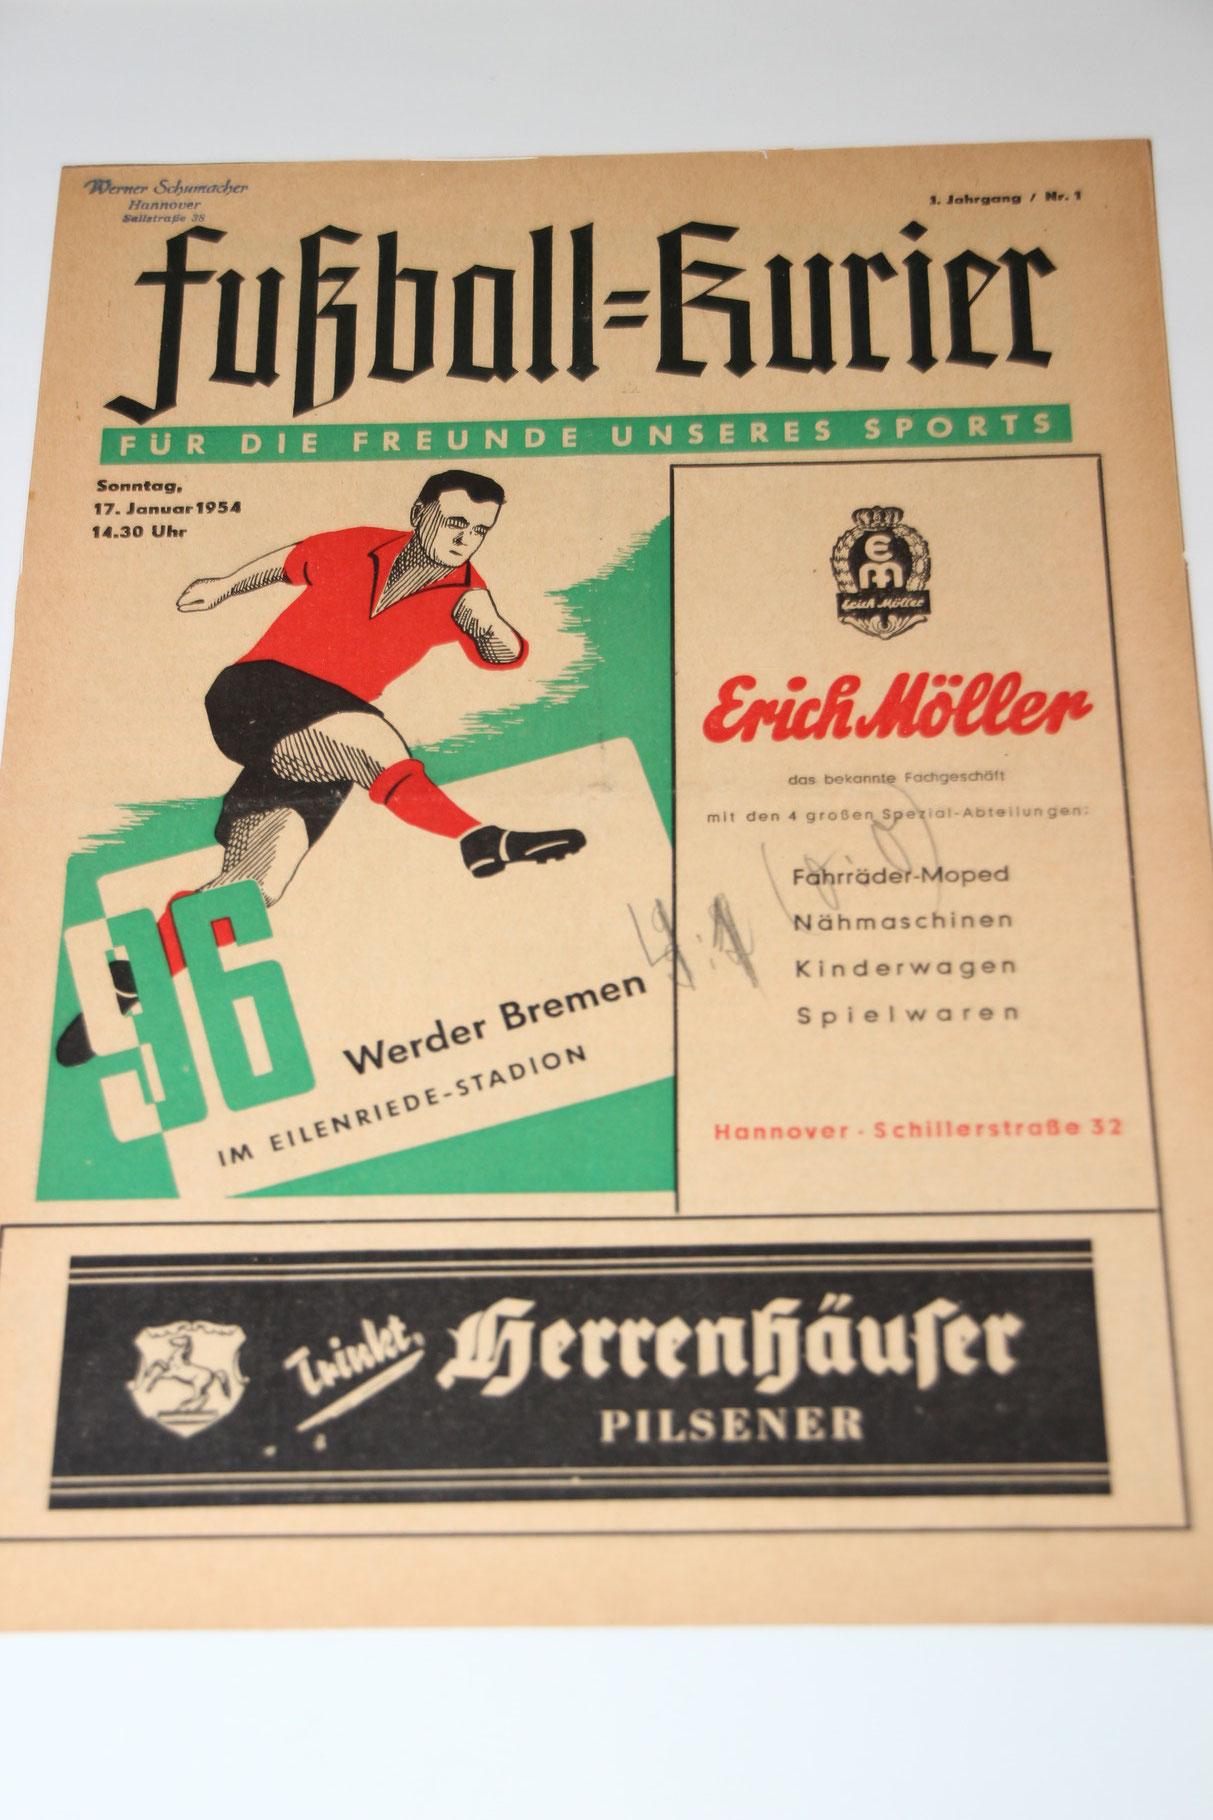 Der Fussballkurier vom 15. August 1954. Die erste Stadionzeitschrift von Hannover 96.